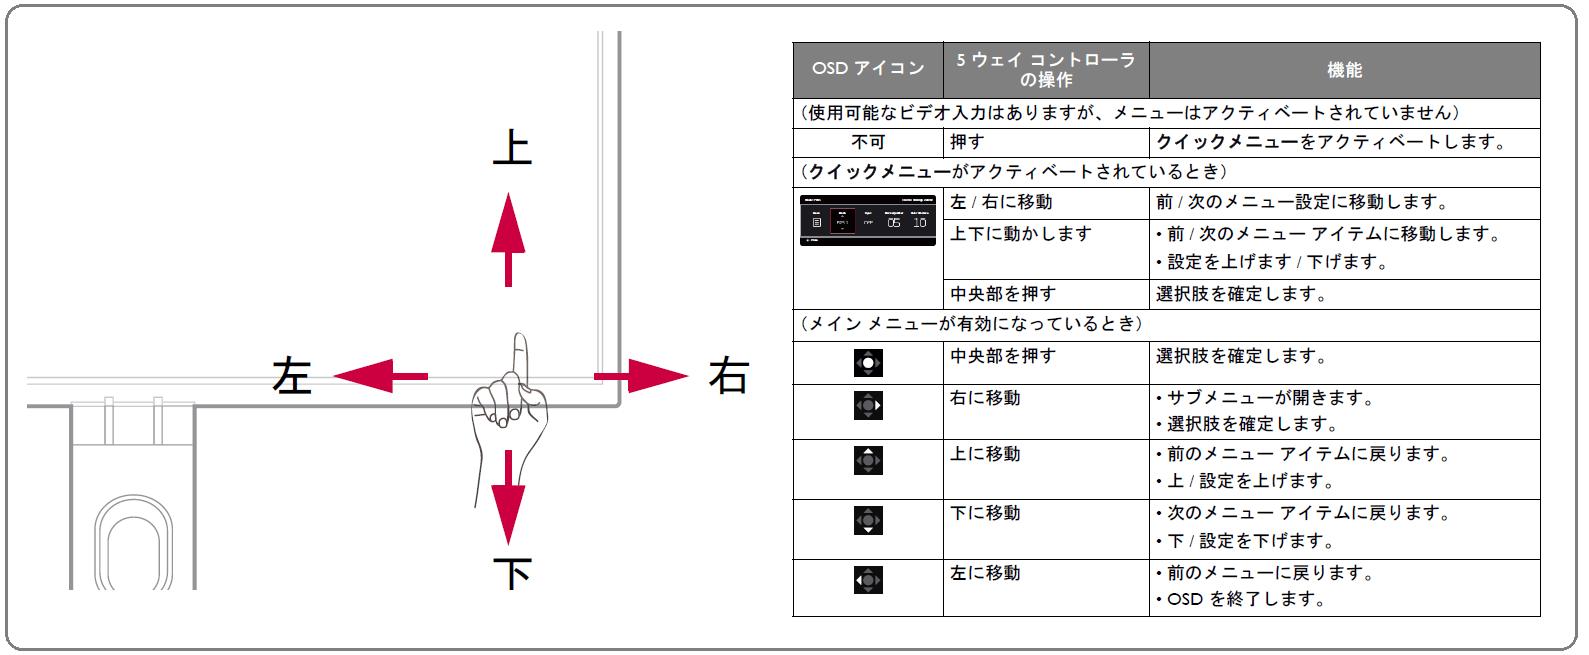 ZOWIE XL2731K_OSD_control_2